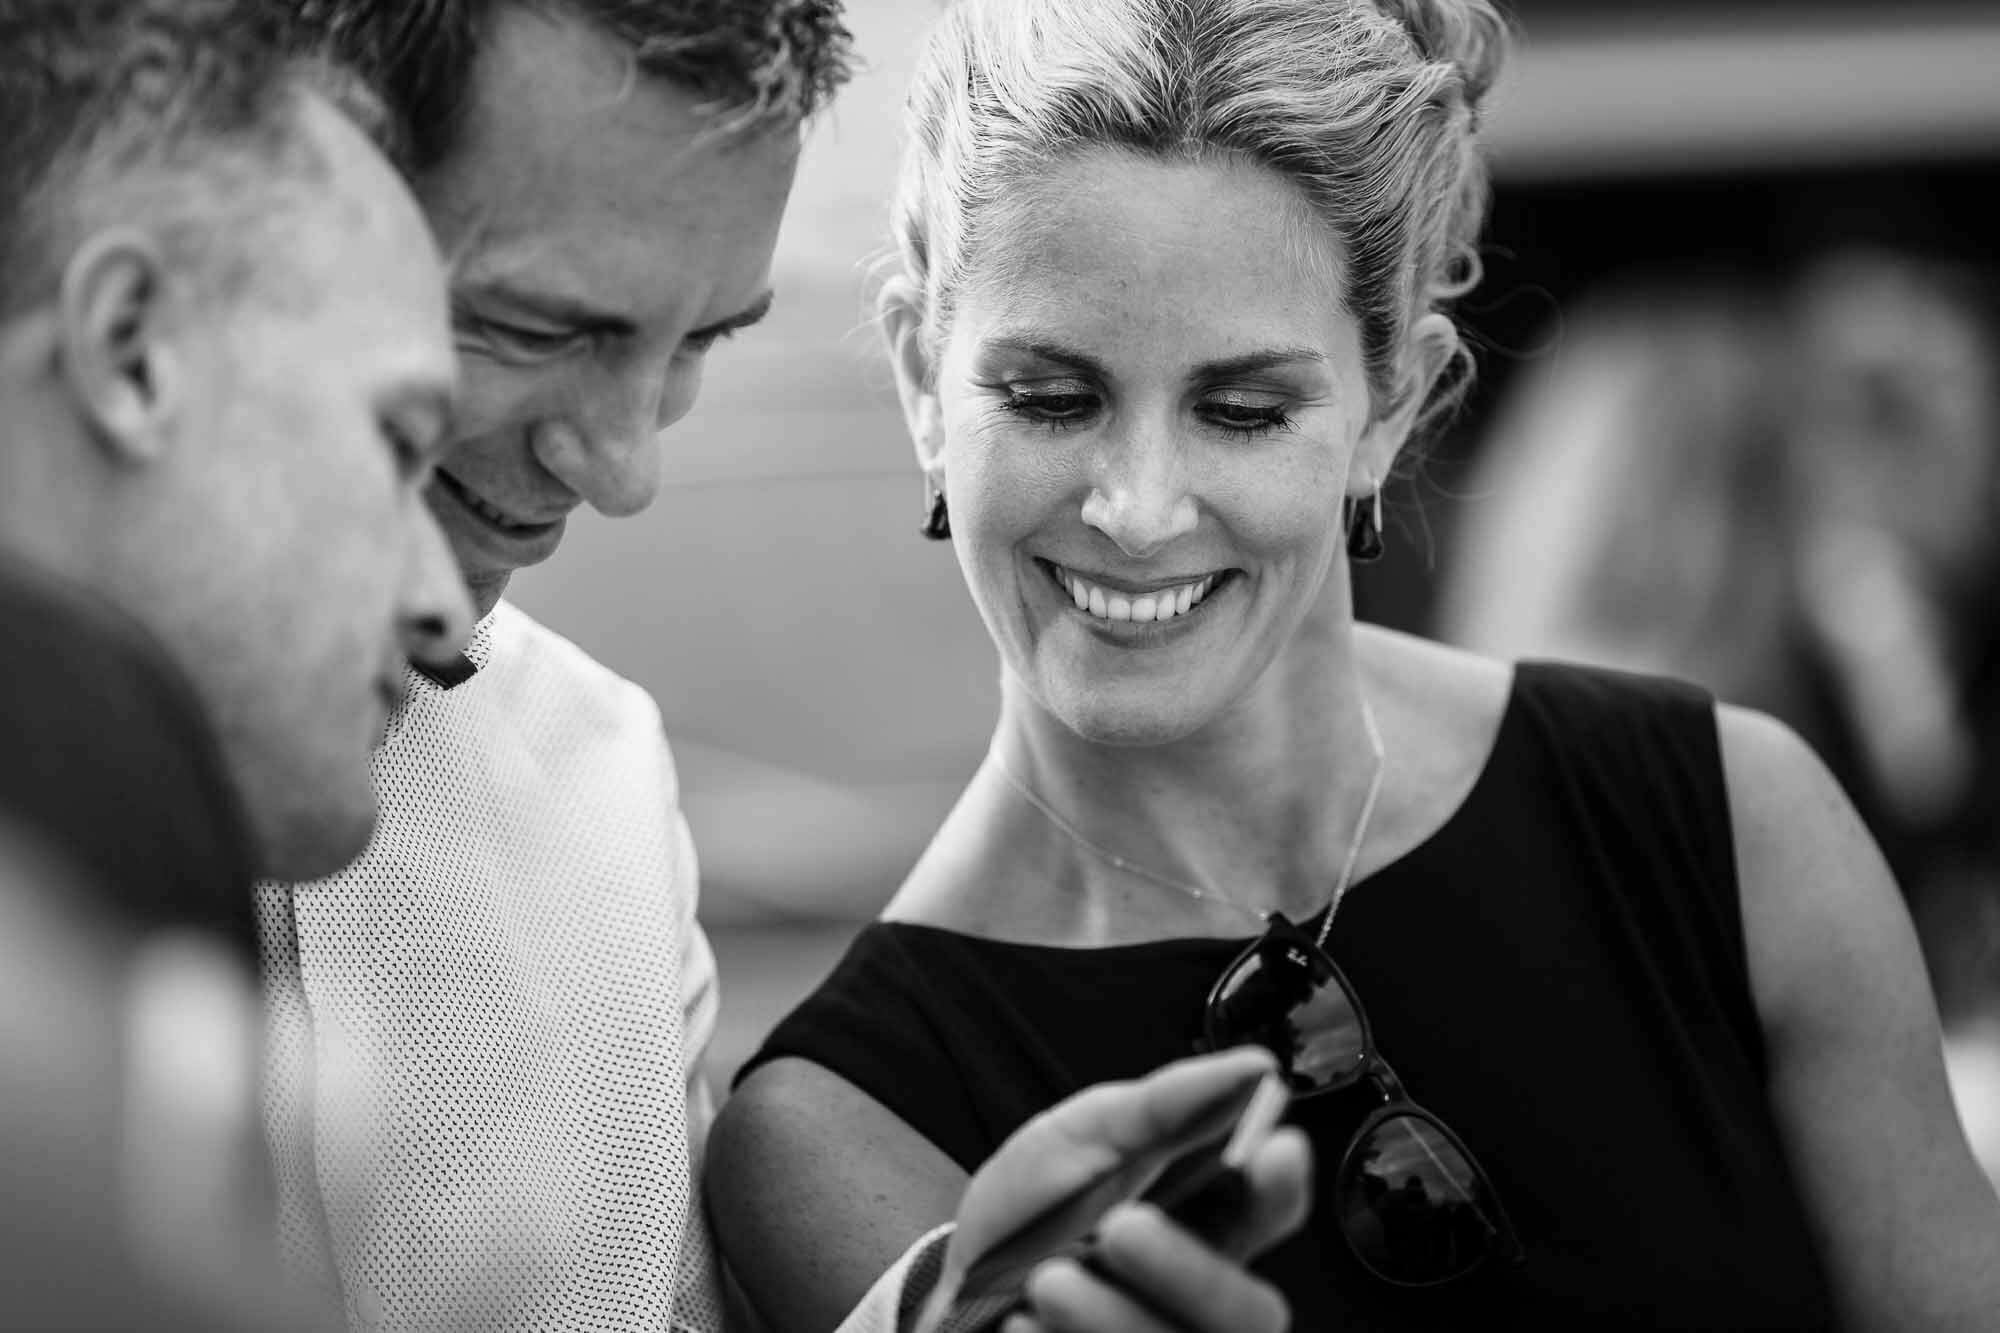 Gäste lachen über Bild auf Handy